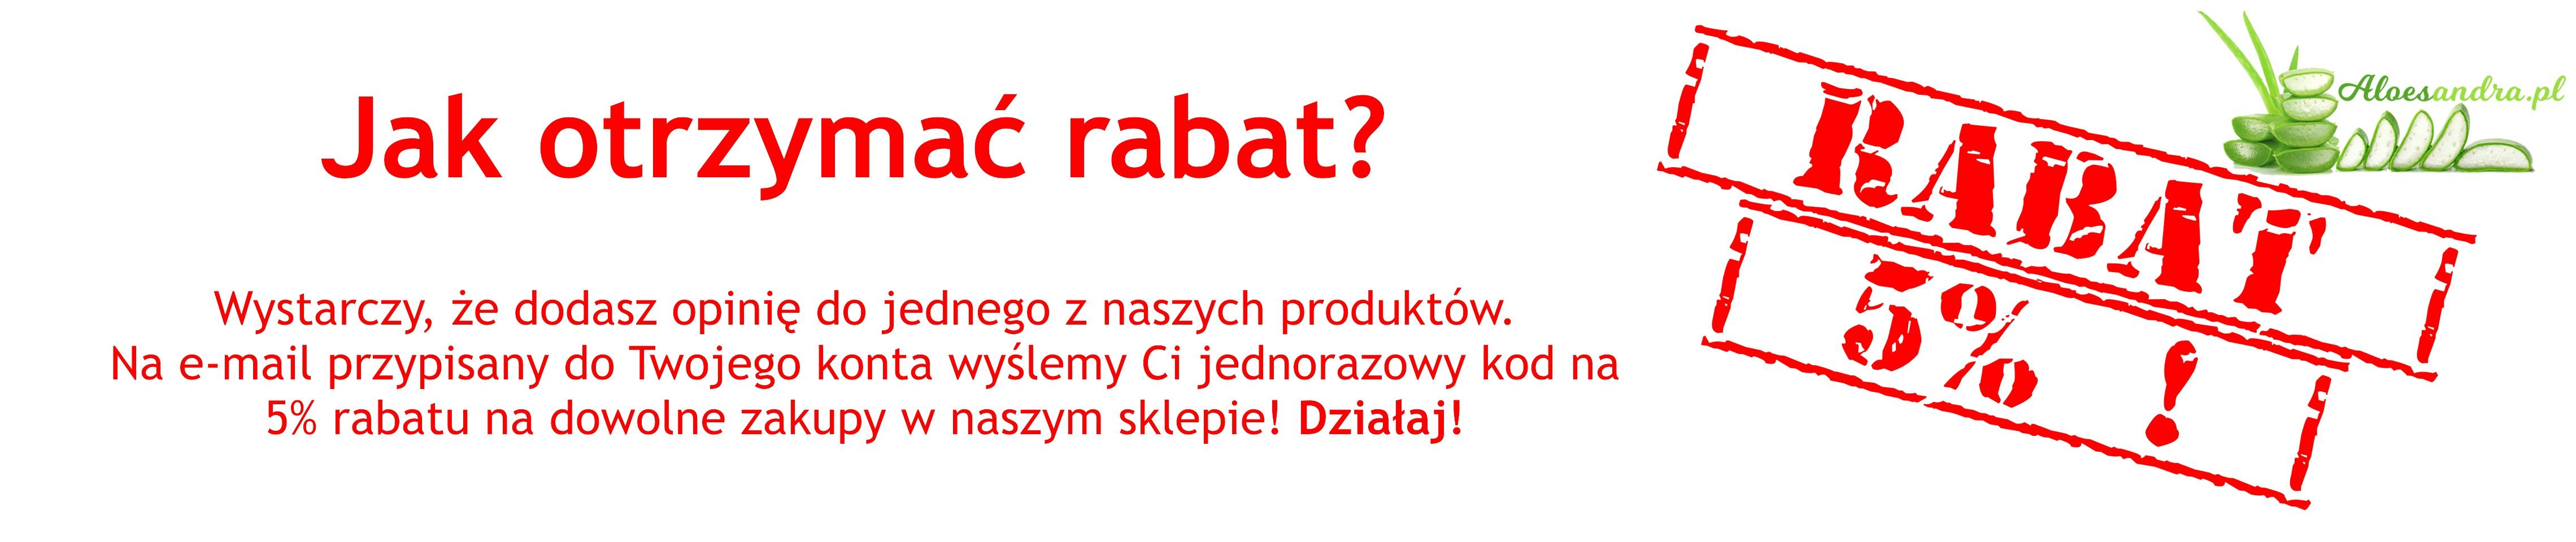 Rabat_5_opinie